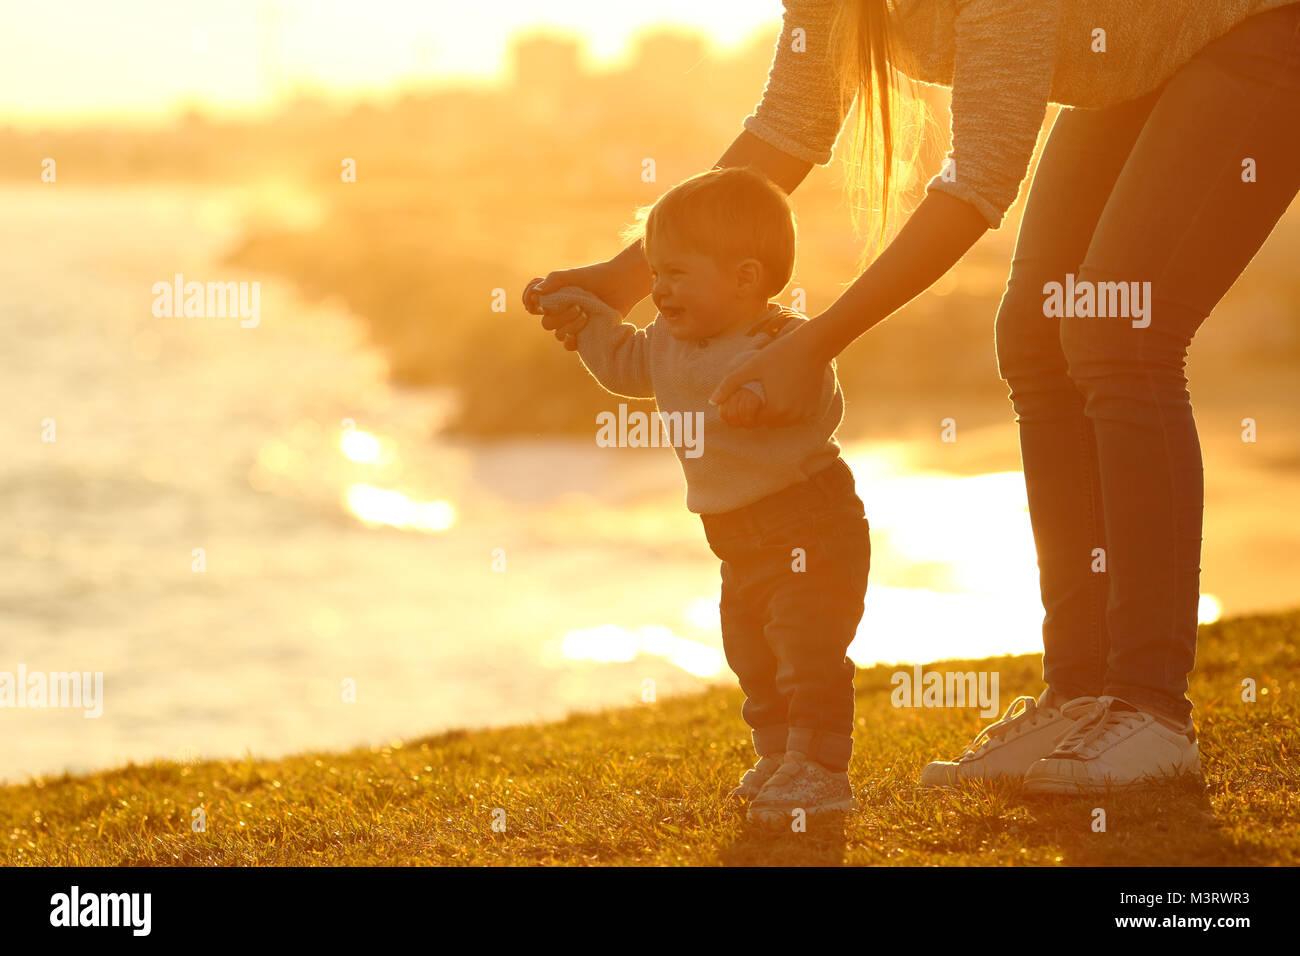 Seitenansicht eines Kid laufen lernen und Mutter half ihm auf dem Gras im Freien bei Sonnenuntergang mit einer Stadt Stockbild